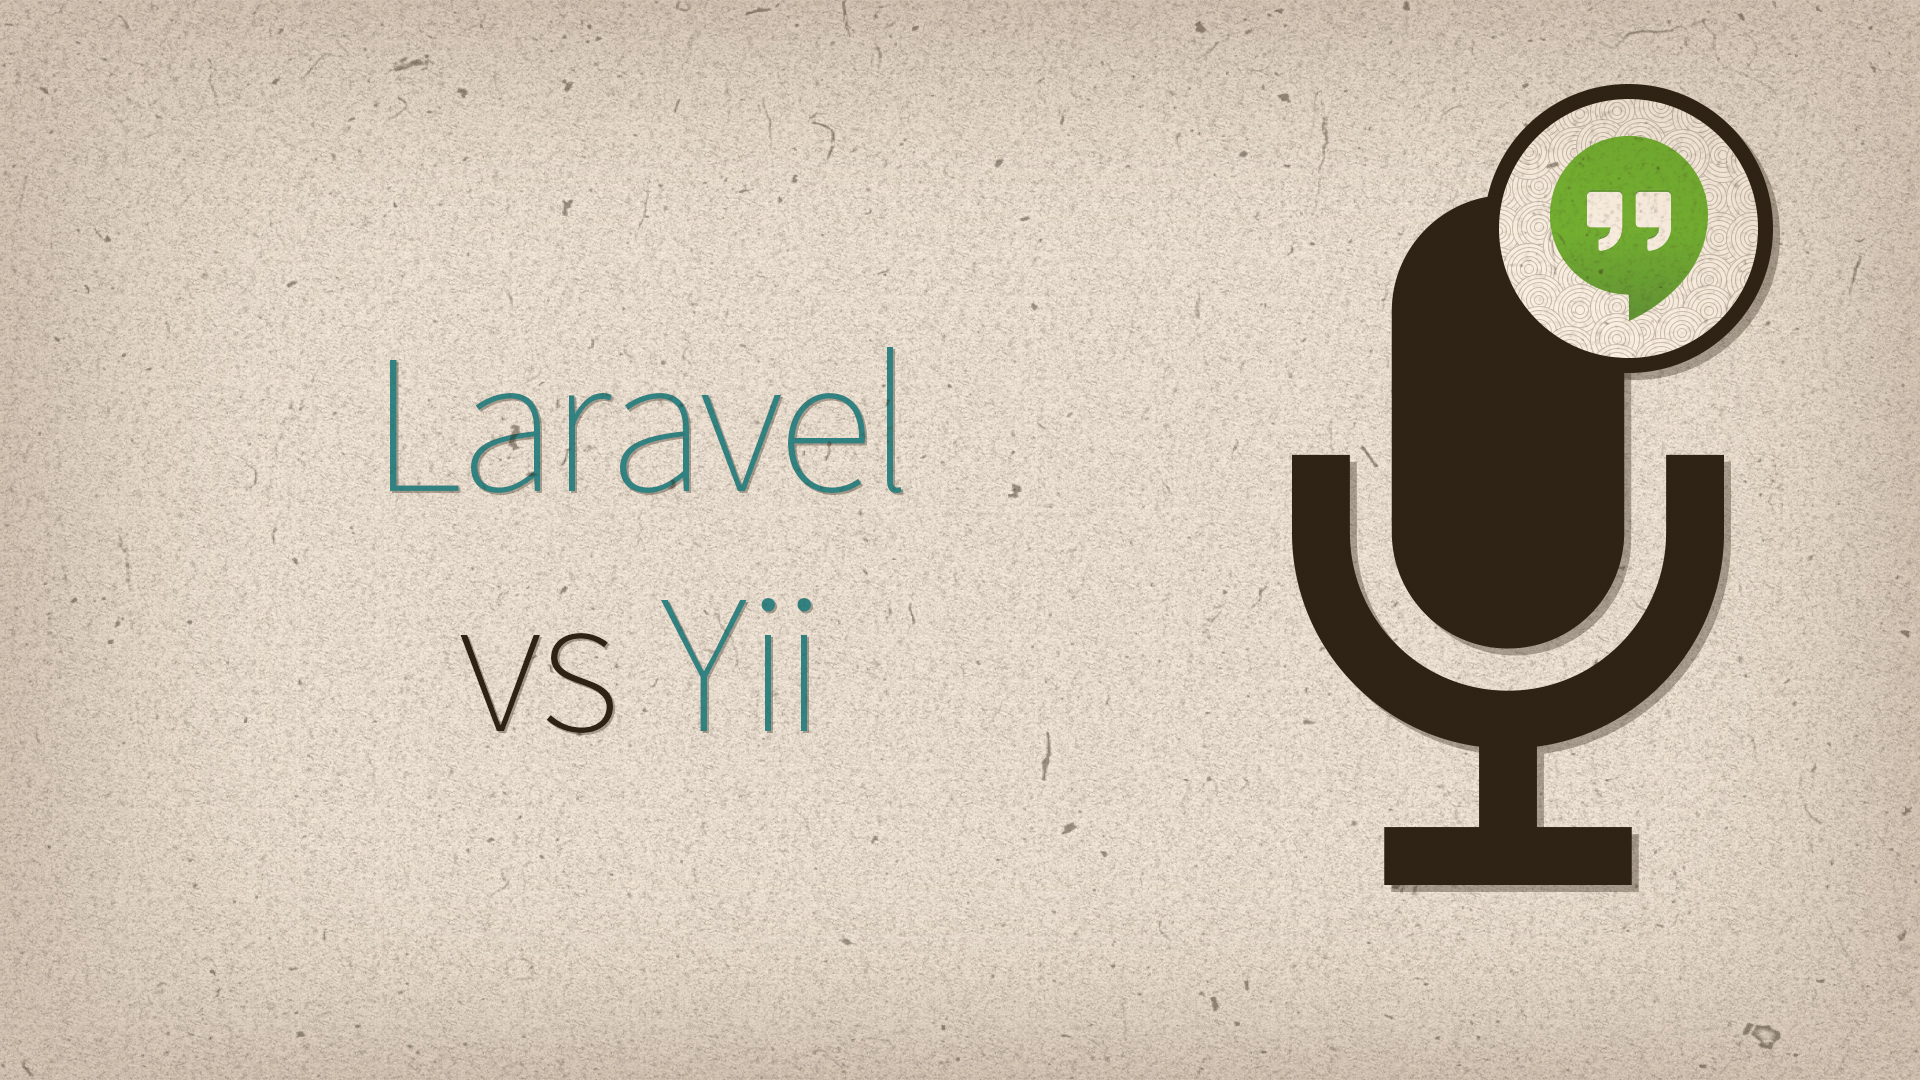 Разговоры у экрана #2 — Laravel против Yii